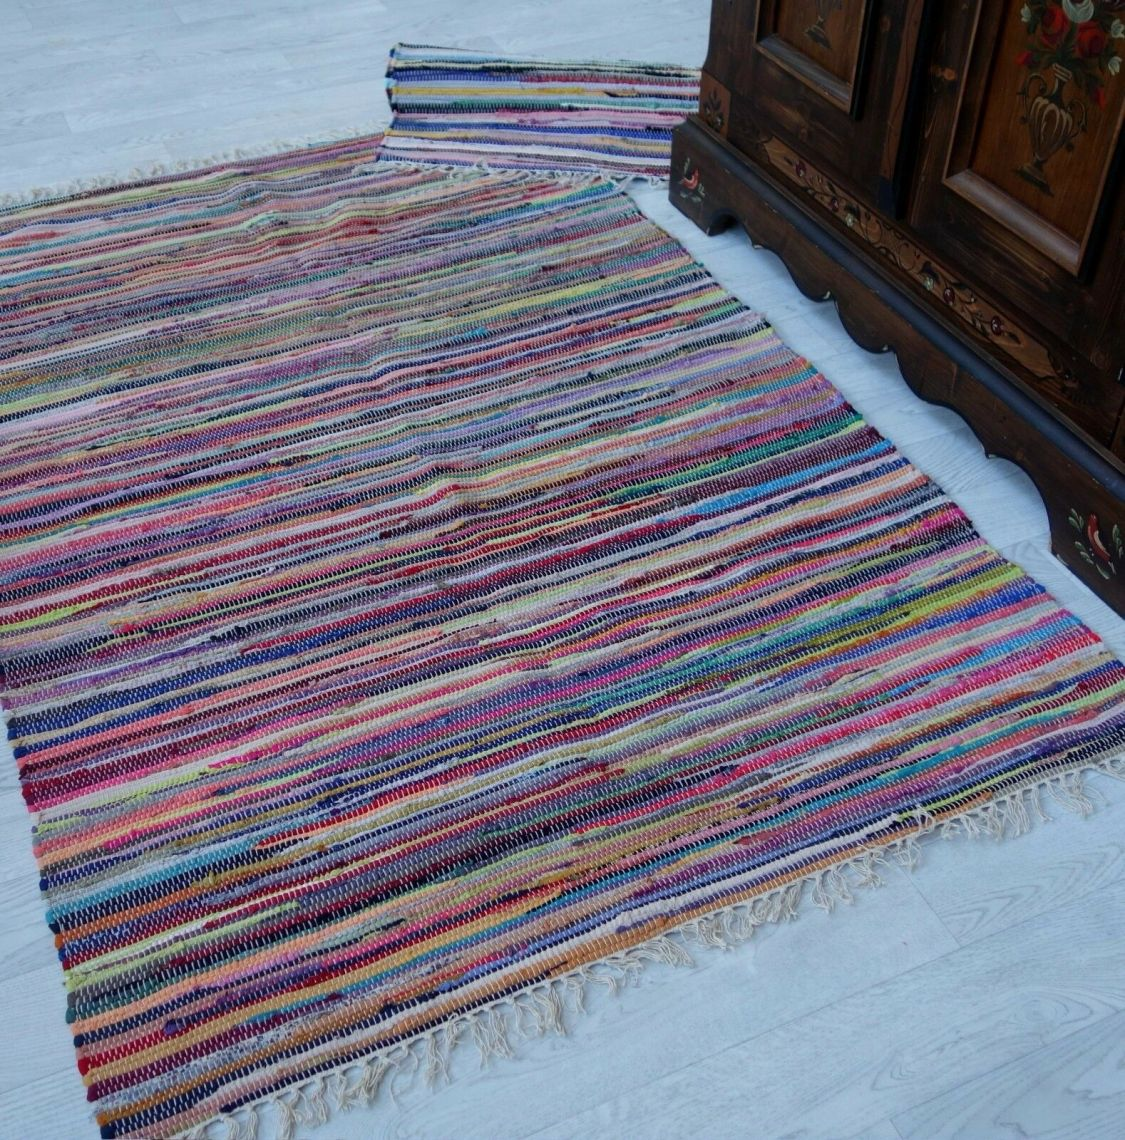 Fleckerl KUFSTEIN Baumwolle multicolor viele Größen wählbar Handweb Teppich